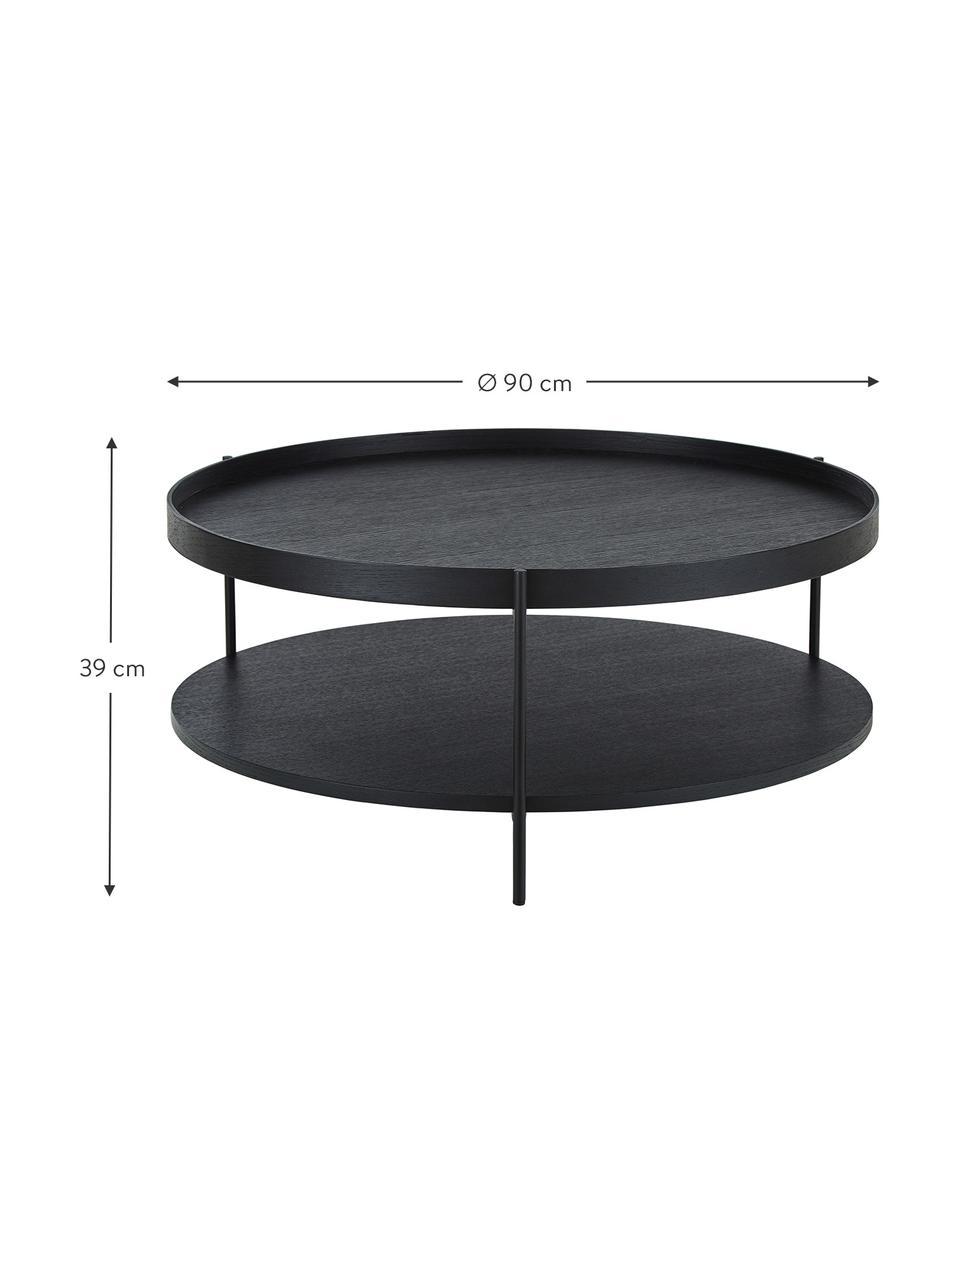 Großer Couchtisch Renee mit Ablagefach, Gestell: Metall, pulverbeschichtet, Tischplatten: SchwarzGestell: Schwarz, matt, Ø 90 x H 39 cm